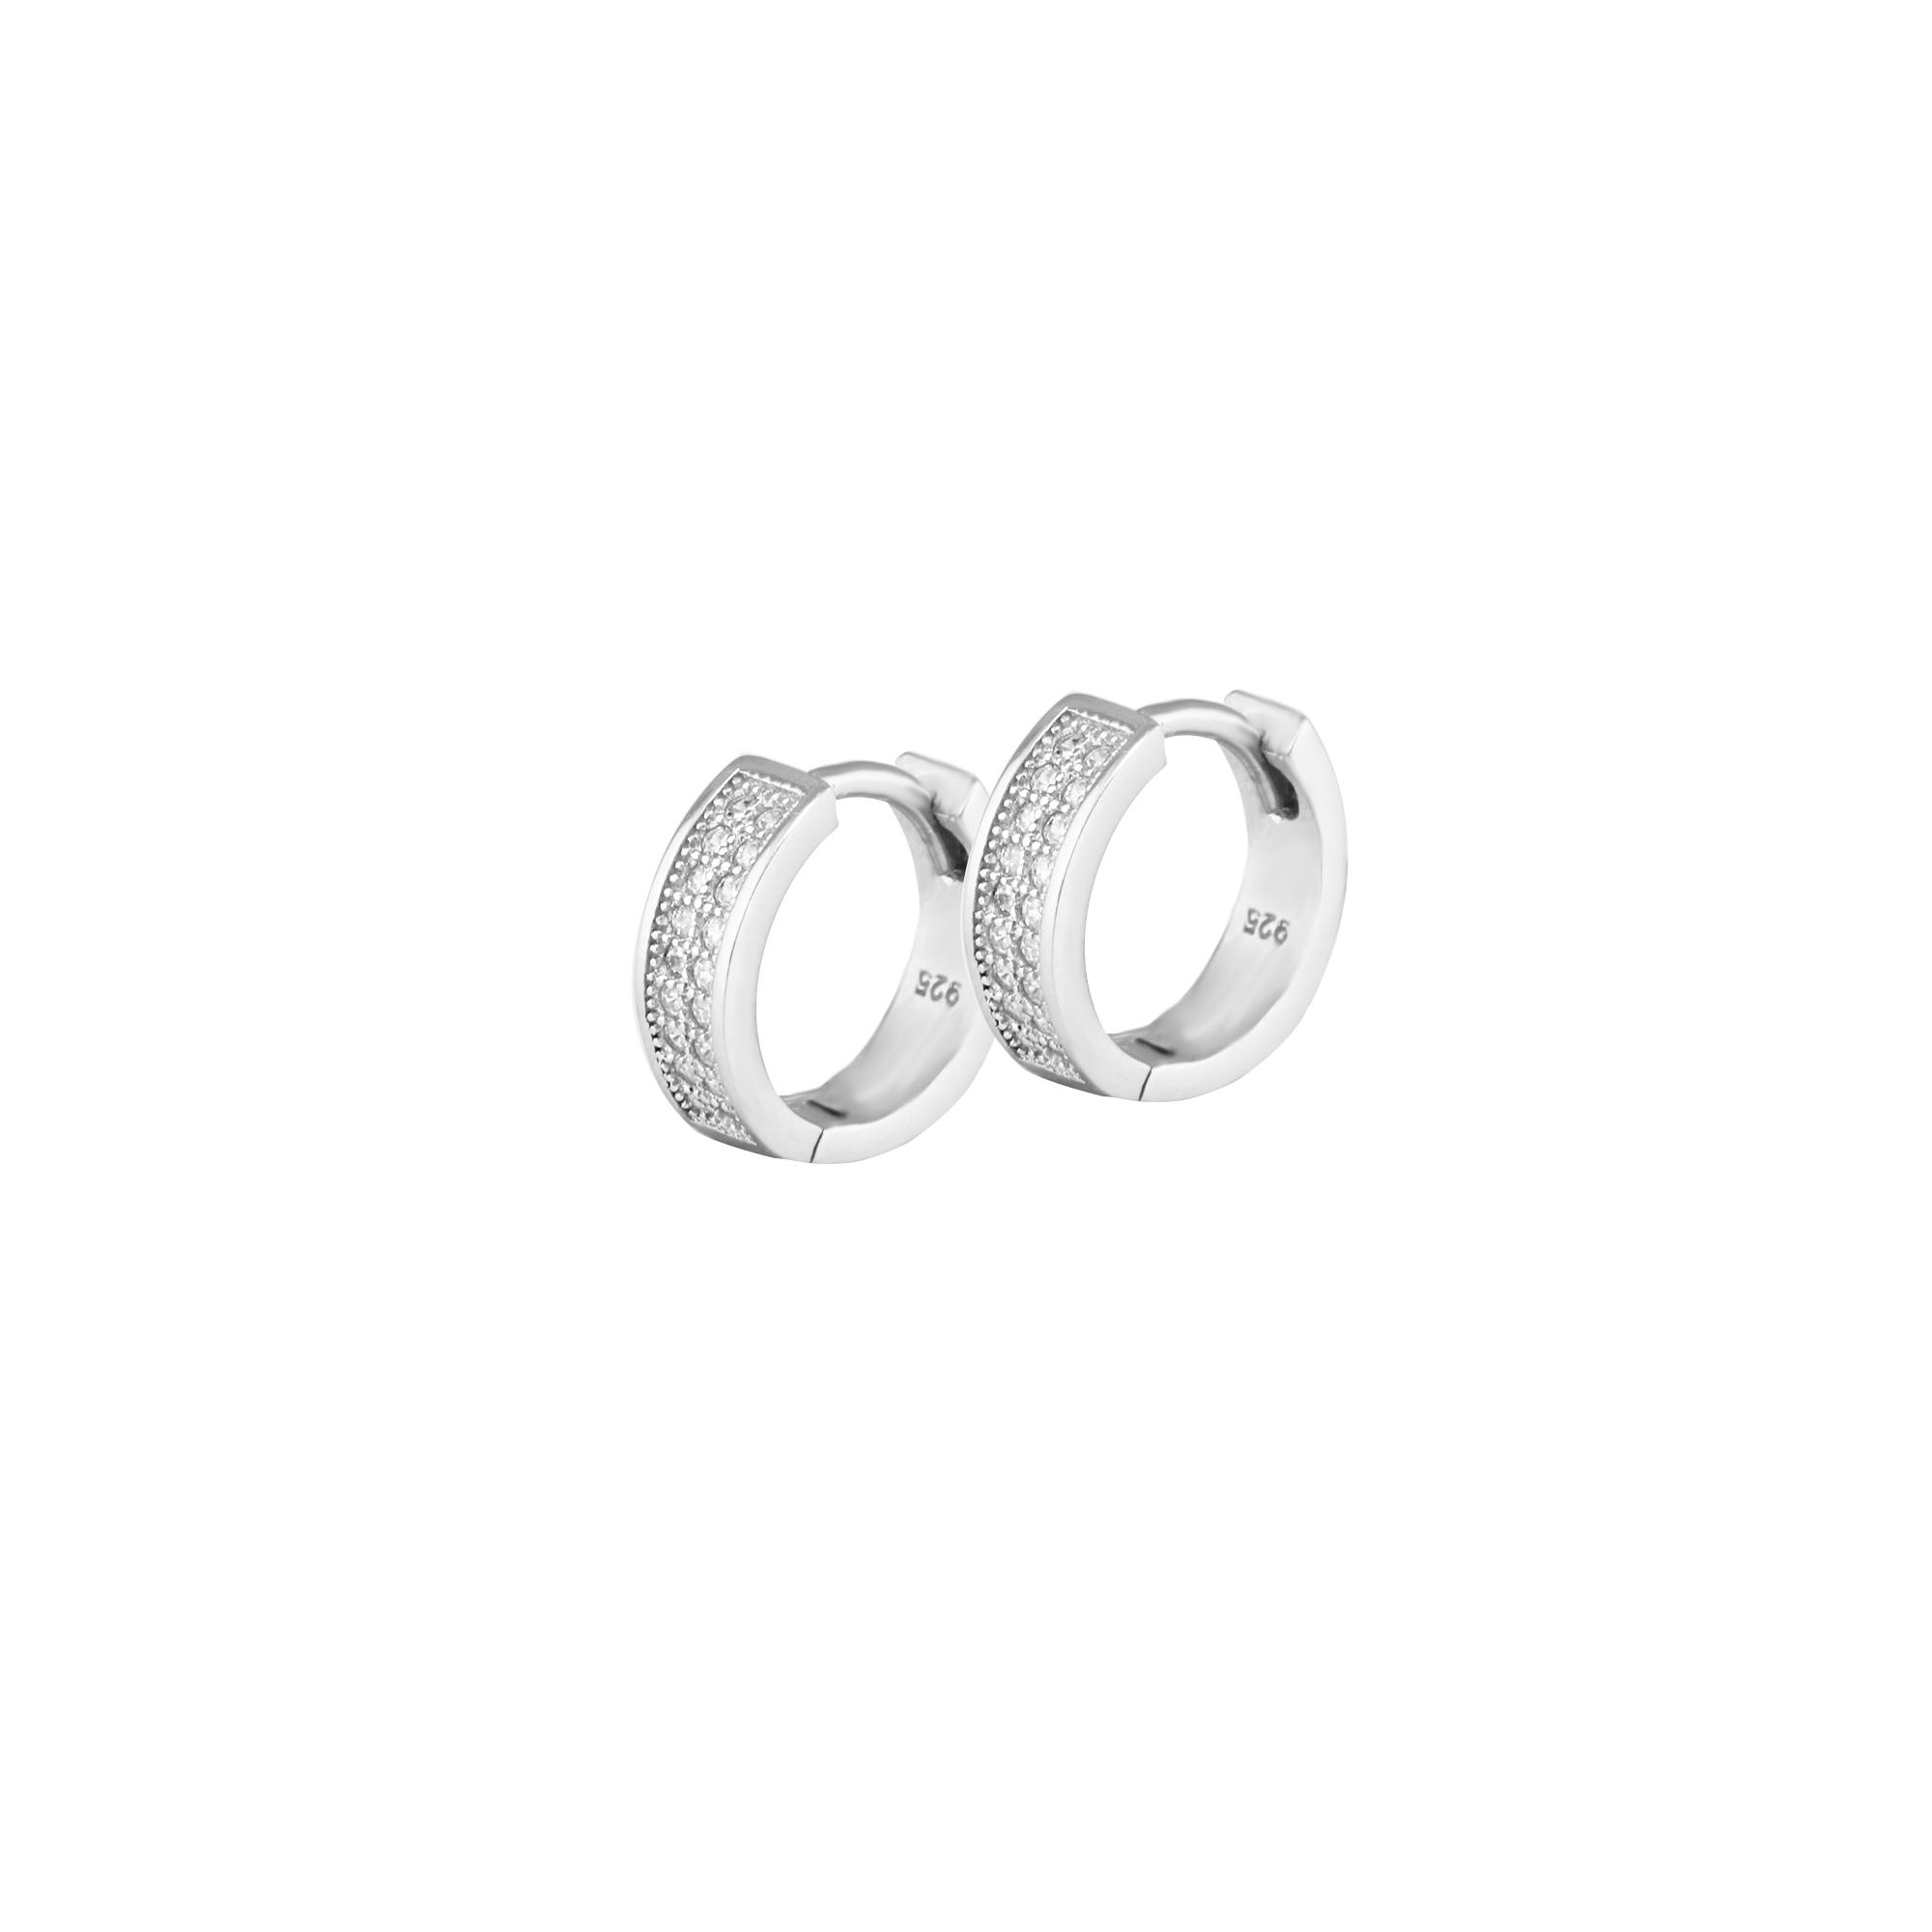 Kruhy Sabra - náušnice stříbro 925/1000'